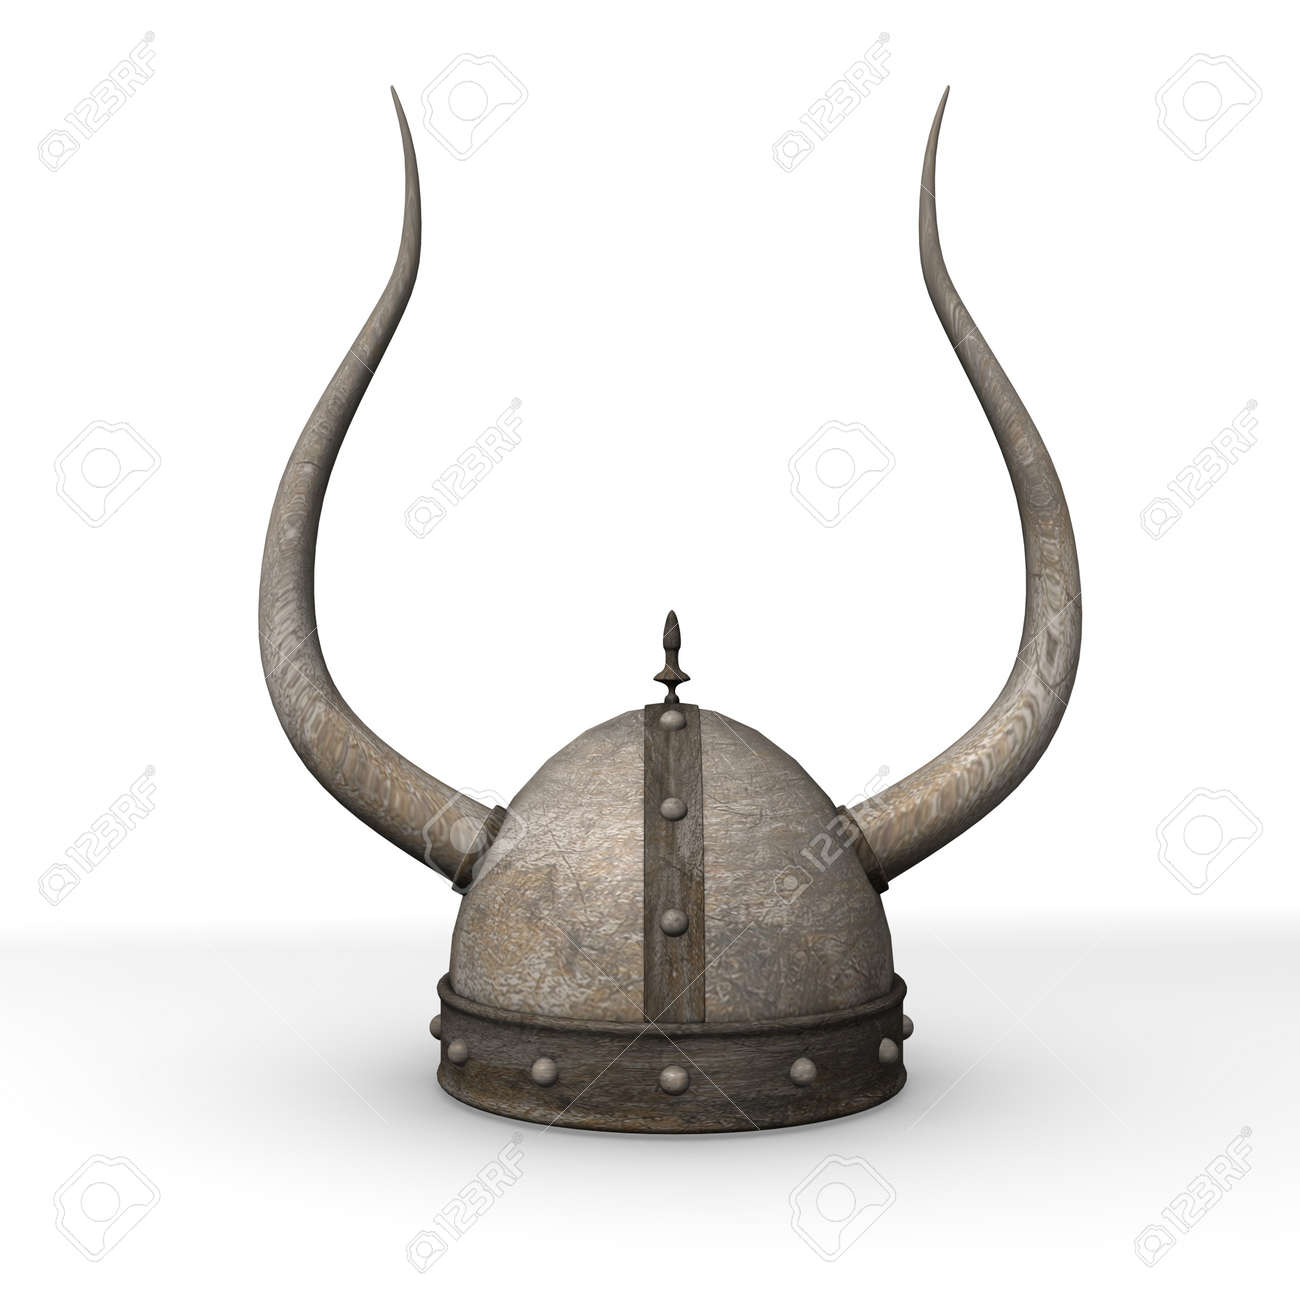 3d render of old helmet - 12906691